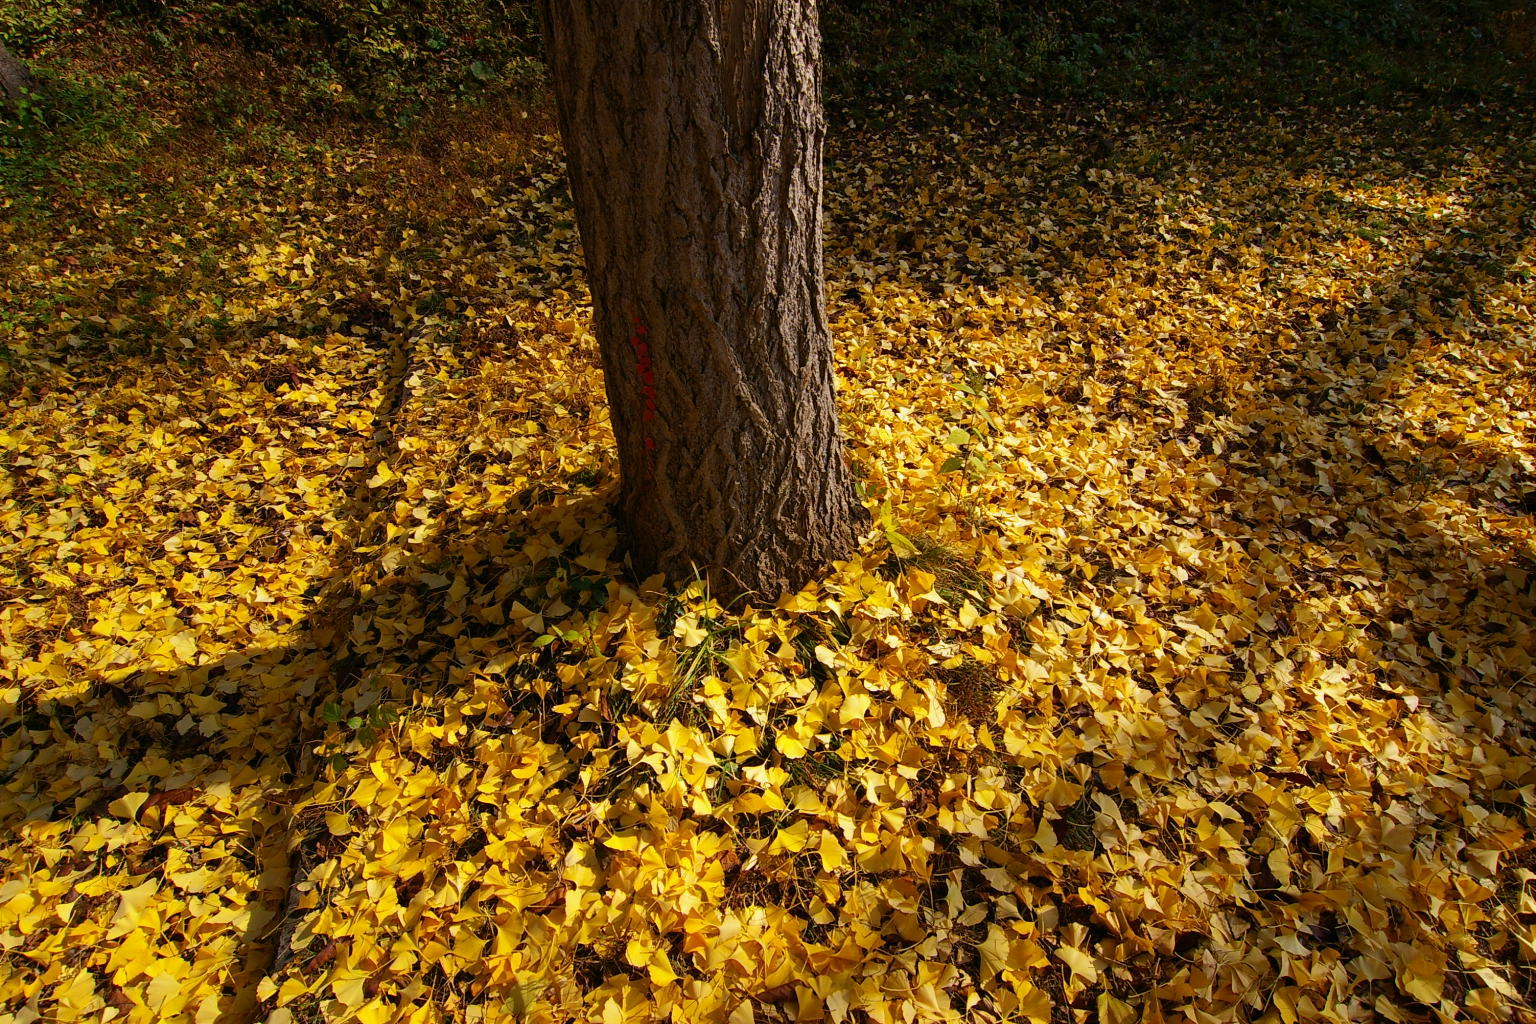 若木山公園 イチョウの枯葉の絨毯です